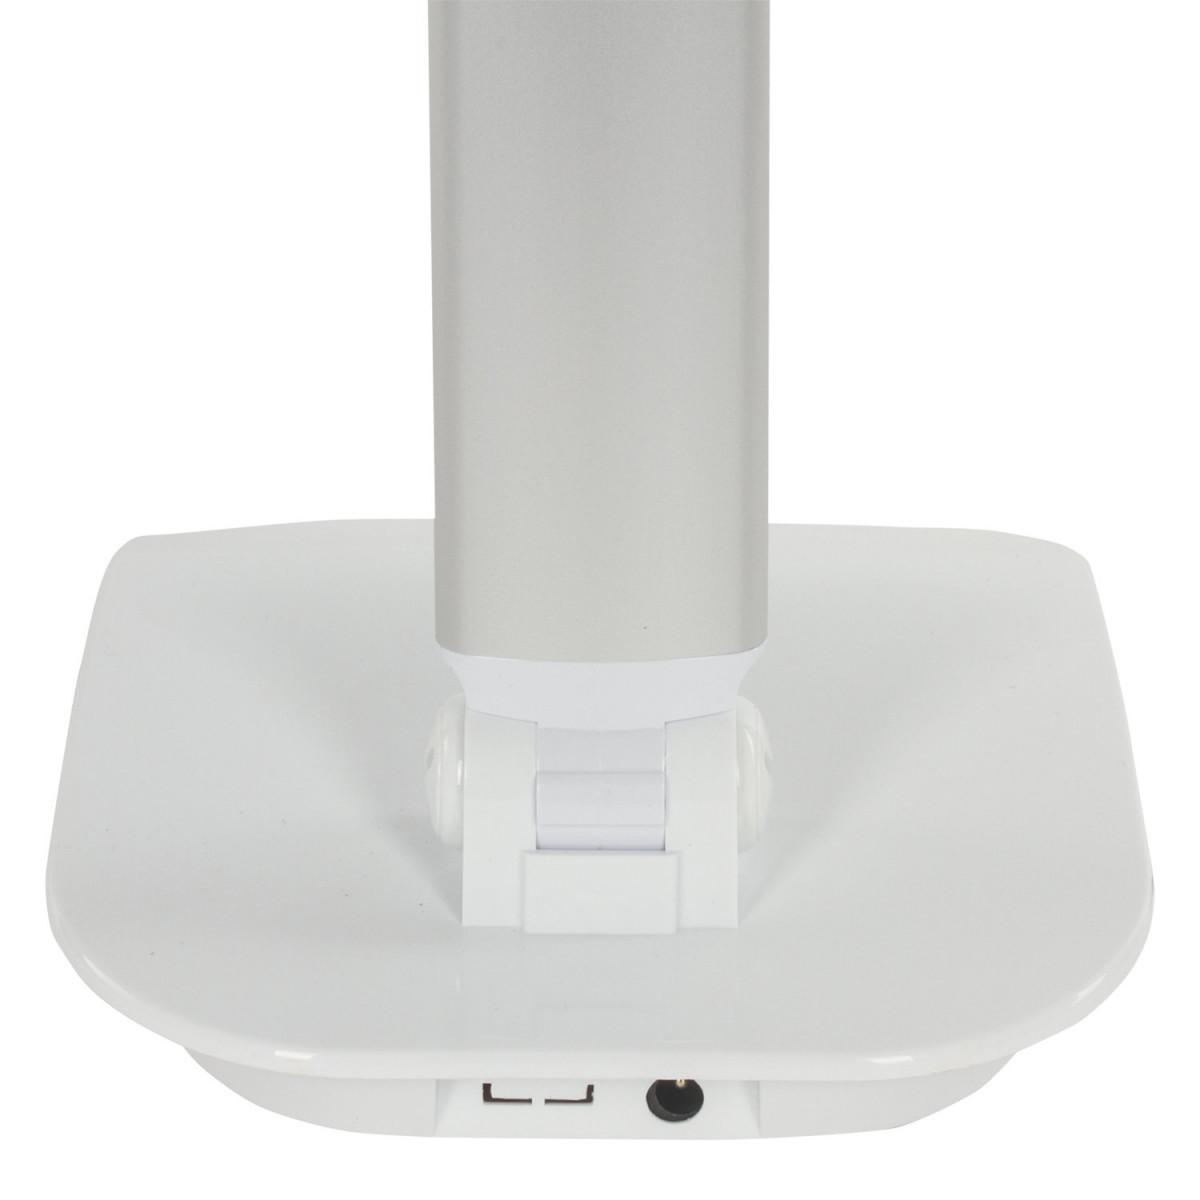 Светильник настольный SONNEN PH-3607, на подставке, светодиодный, 9 Вт, алюминий, серебристый, 236686 (арт. 236686)